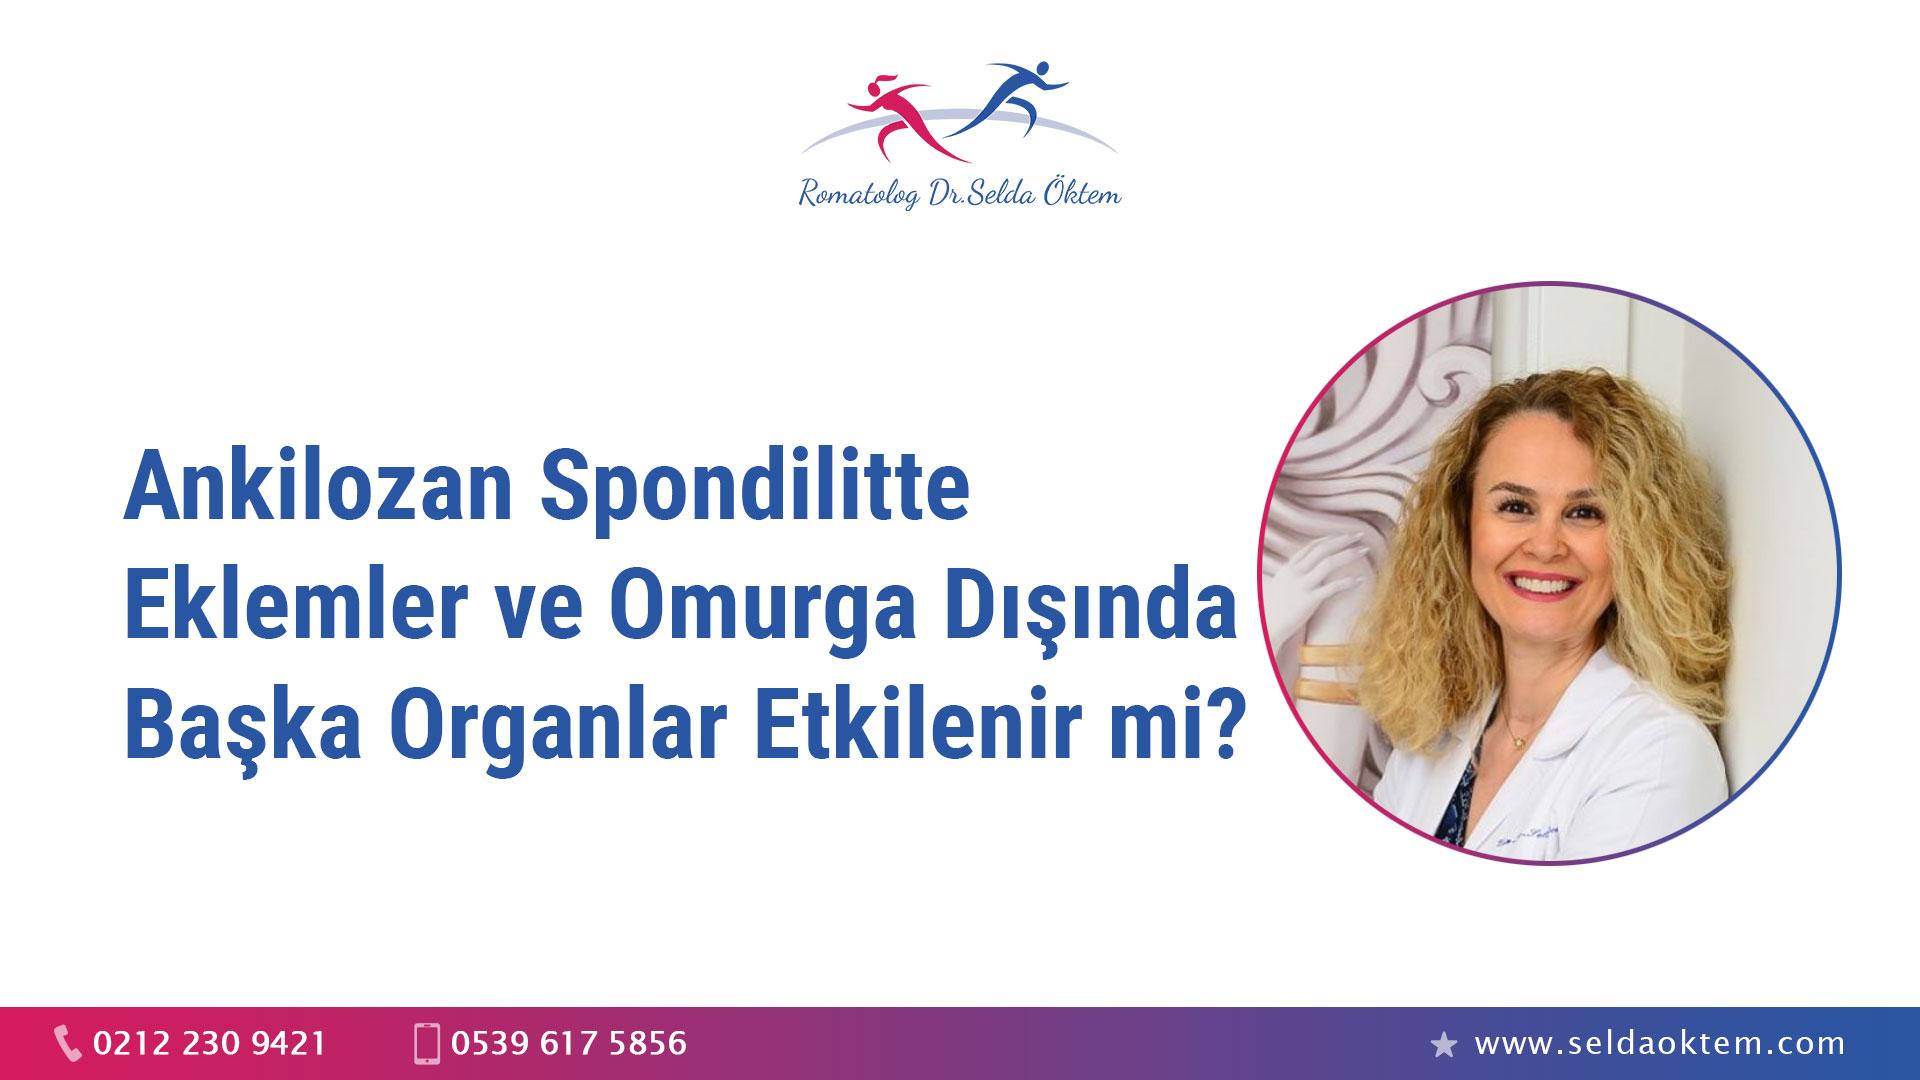 Ankilozan spondilitte eklemler ve omurga dışında başka organlar etkilenir mi?